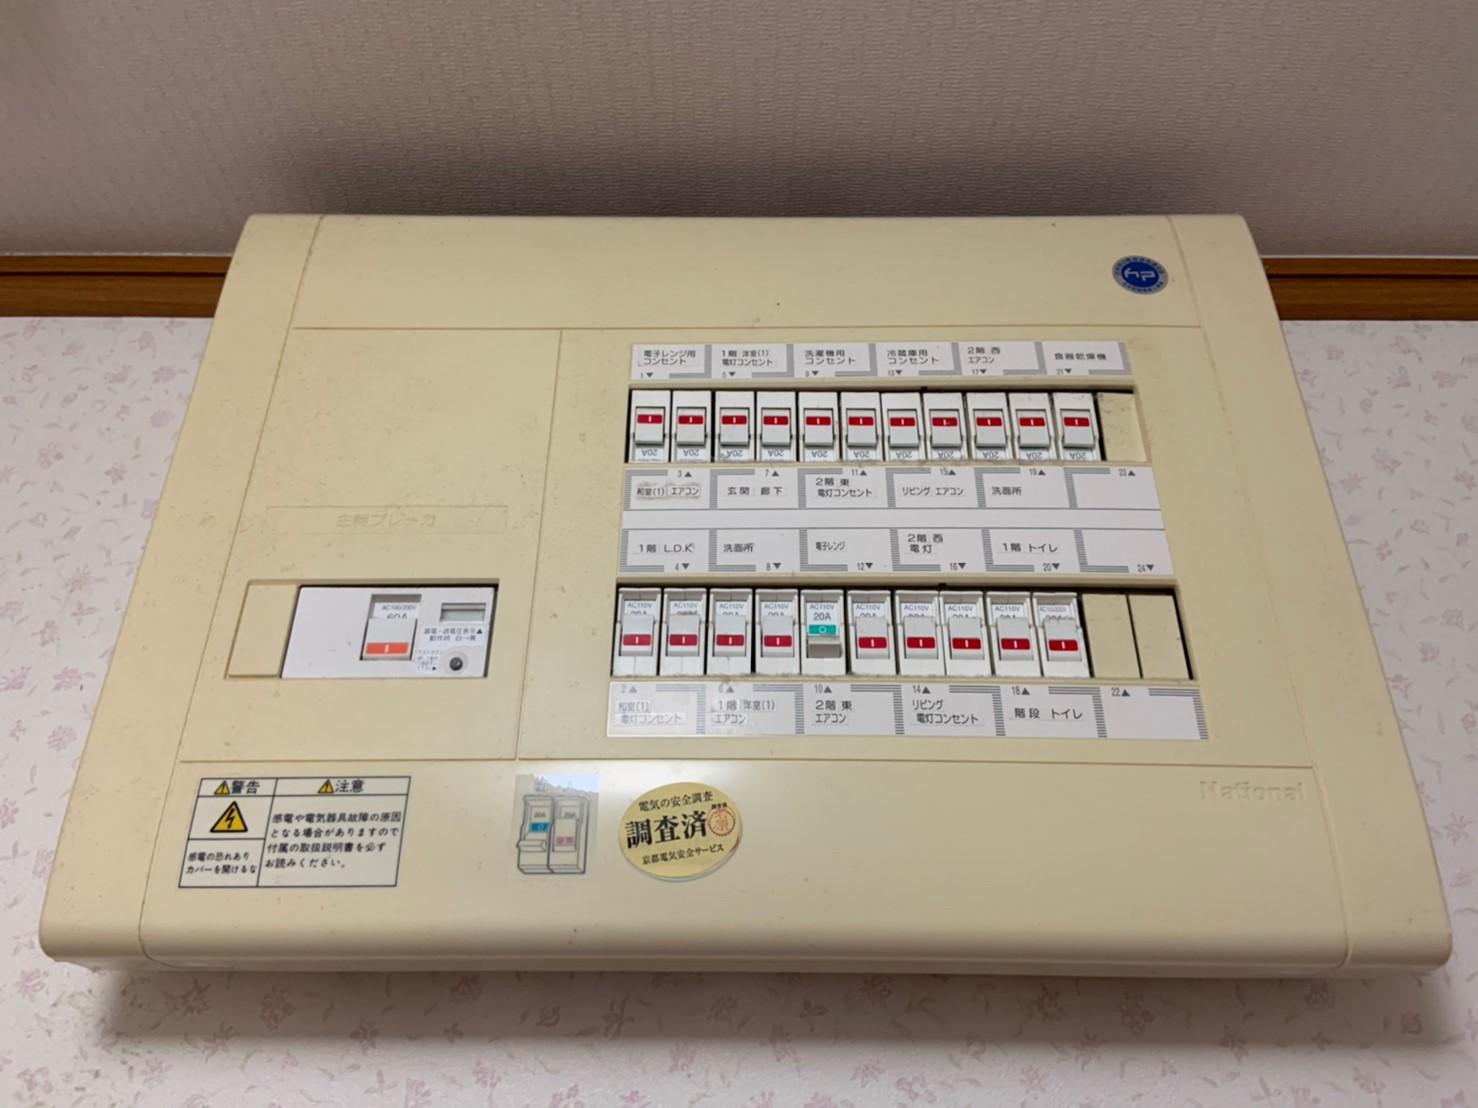 ガスコンロからIHコンロへの取替工事(KZ-G33XST)【京都市北区西賀茂】